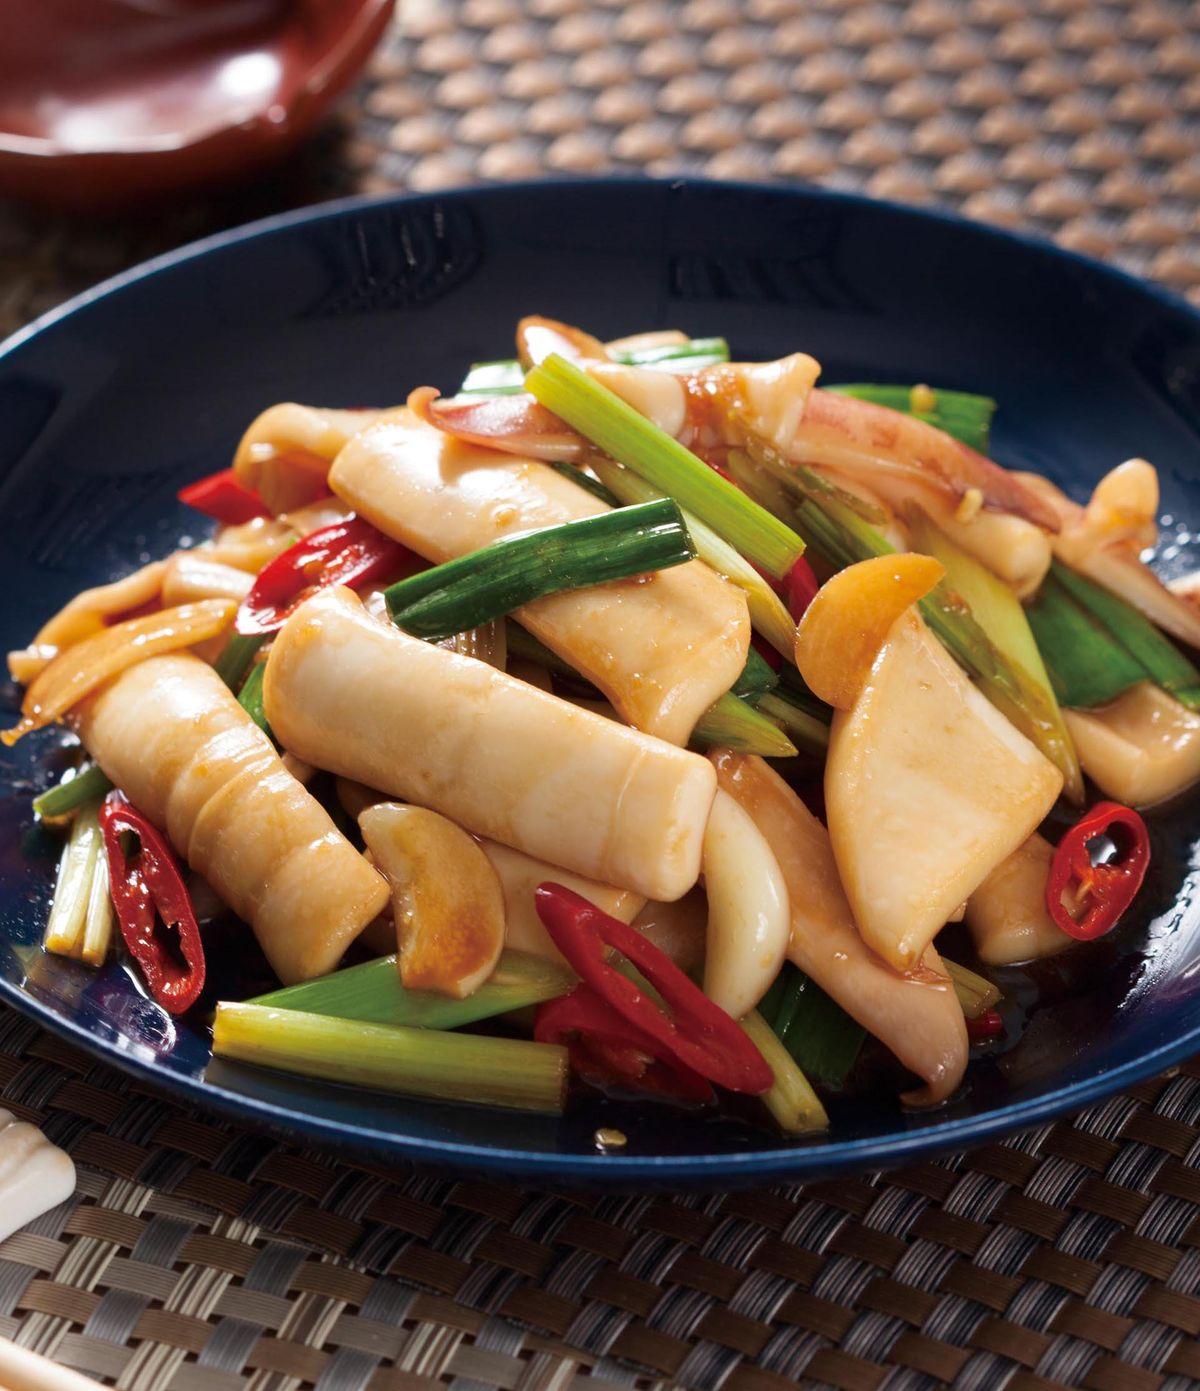 食譜:青蒜炒魷魚